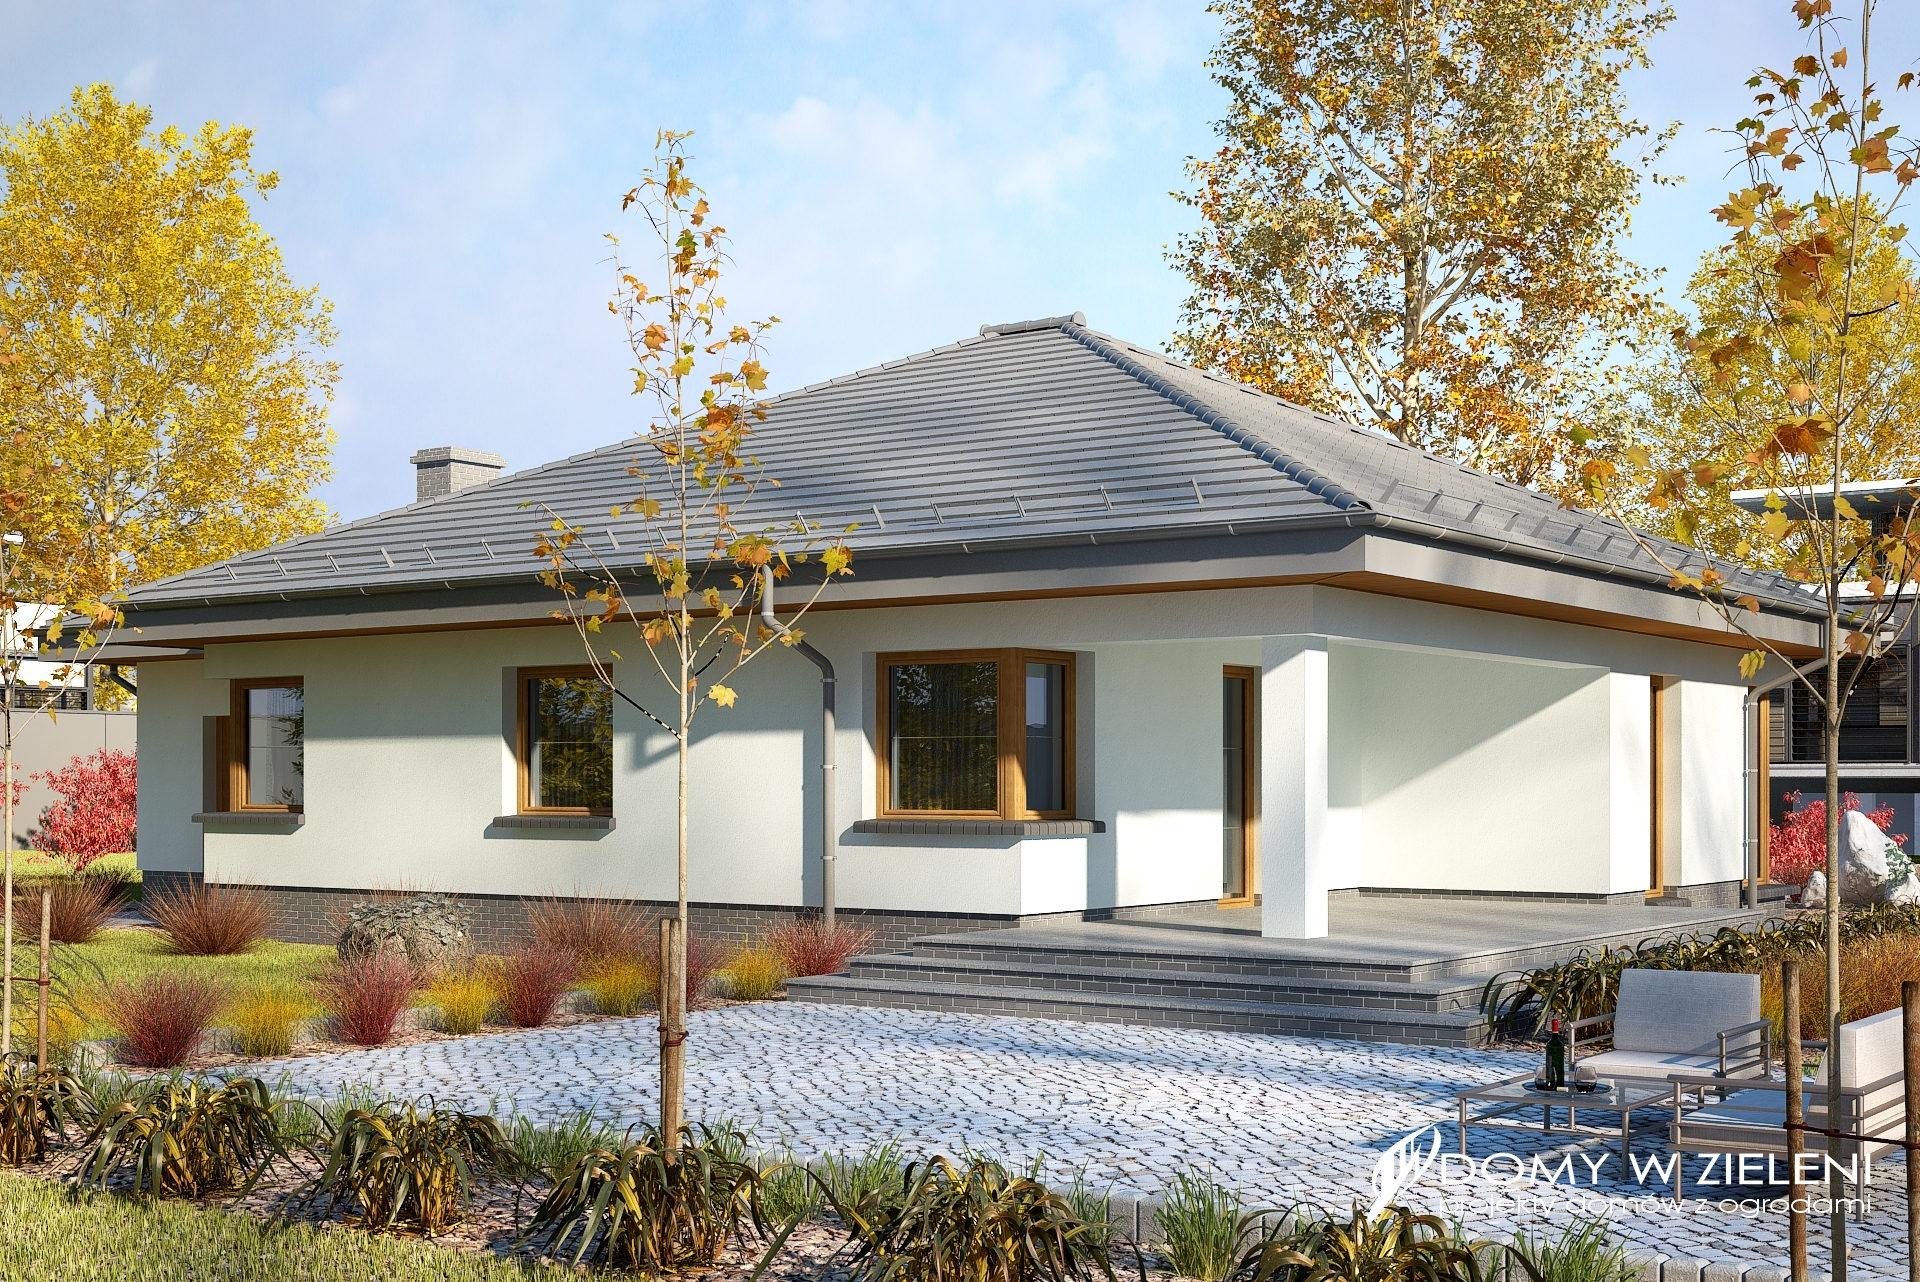 projektowanie-domow-DZD-1.jpg